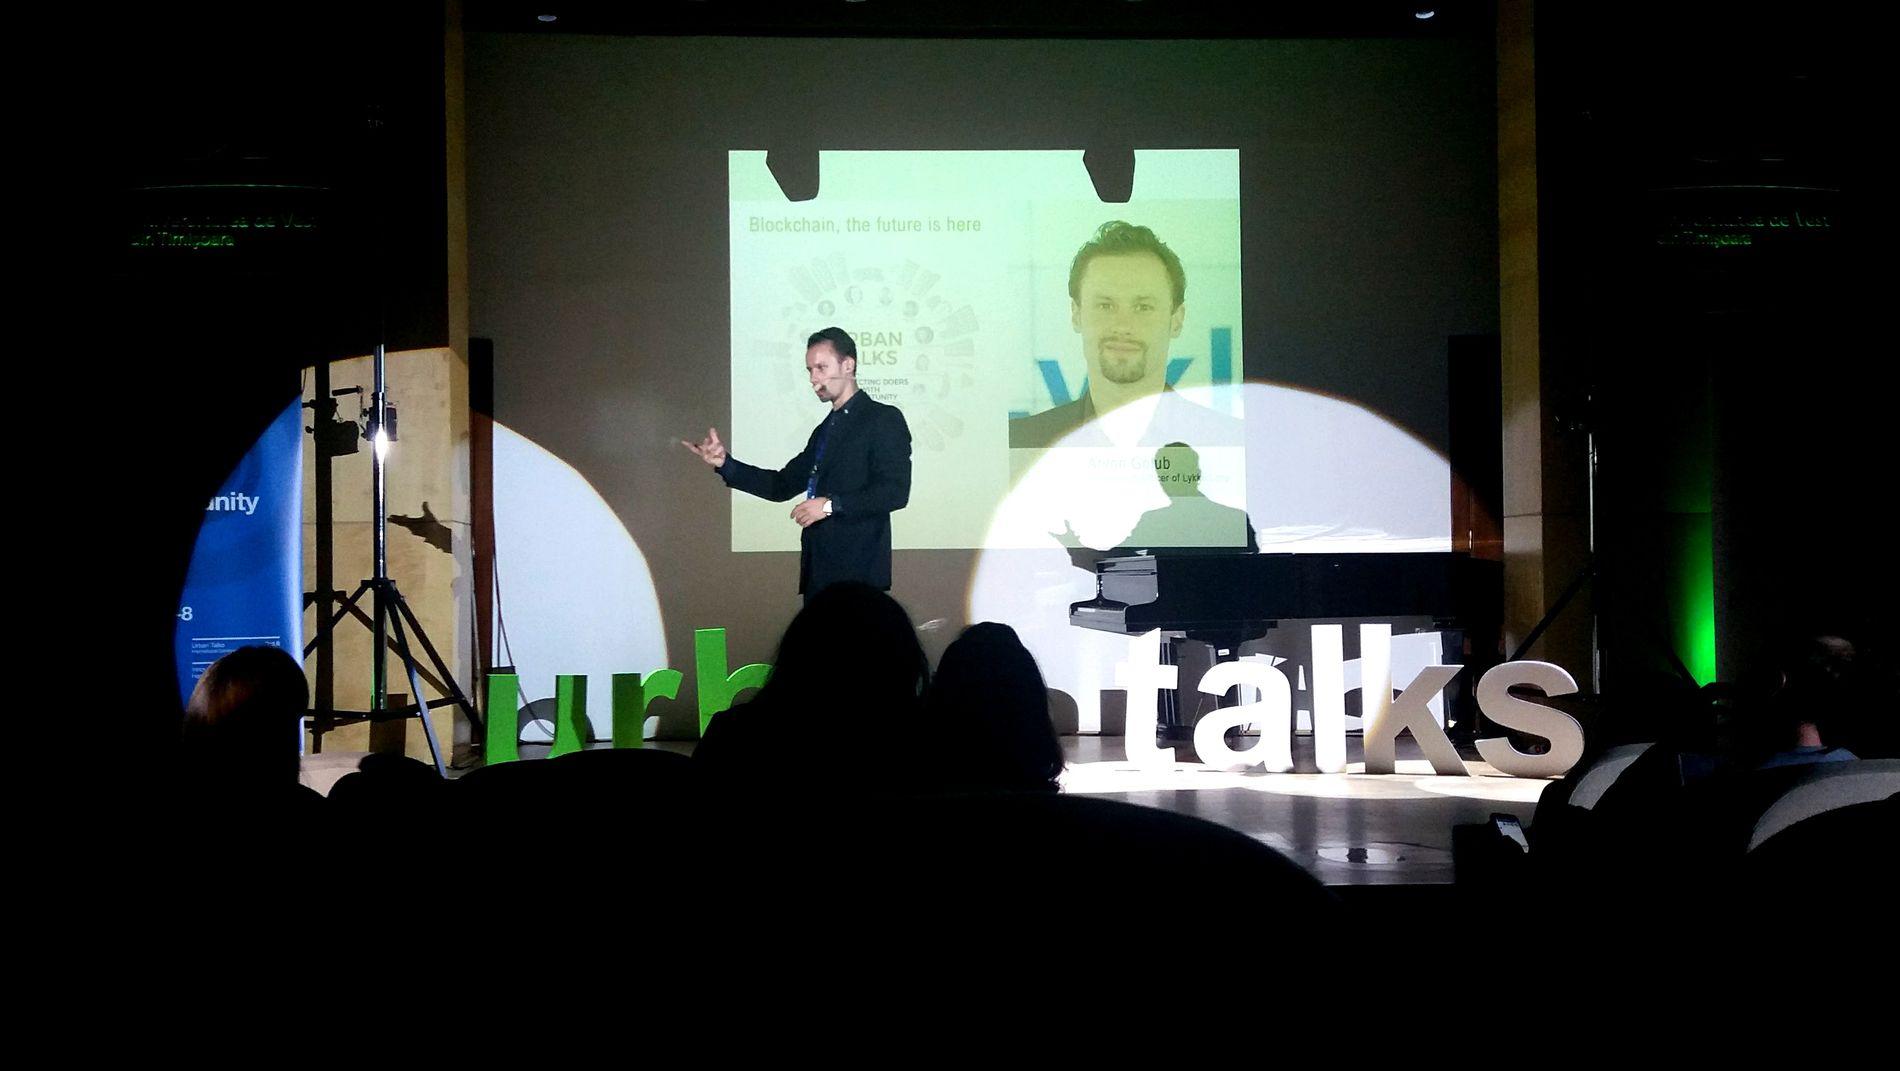 """Prezentarea lui Anton Golub la Urban Talks, Timișoara: """"Blockchain, the future is here""""."""